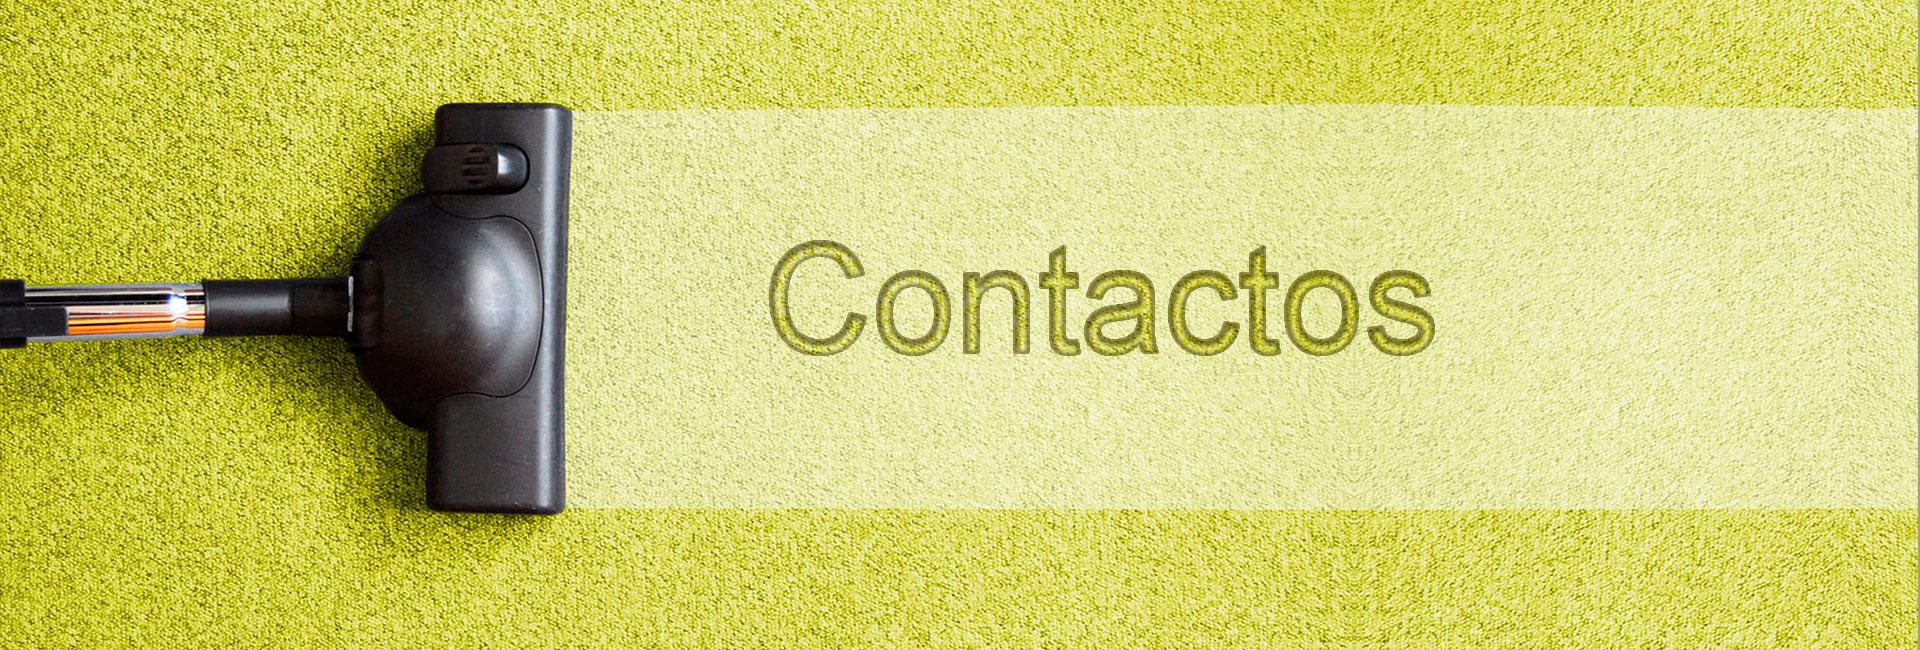 contactos empresas de limpeza